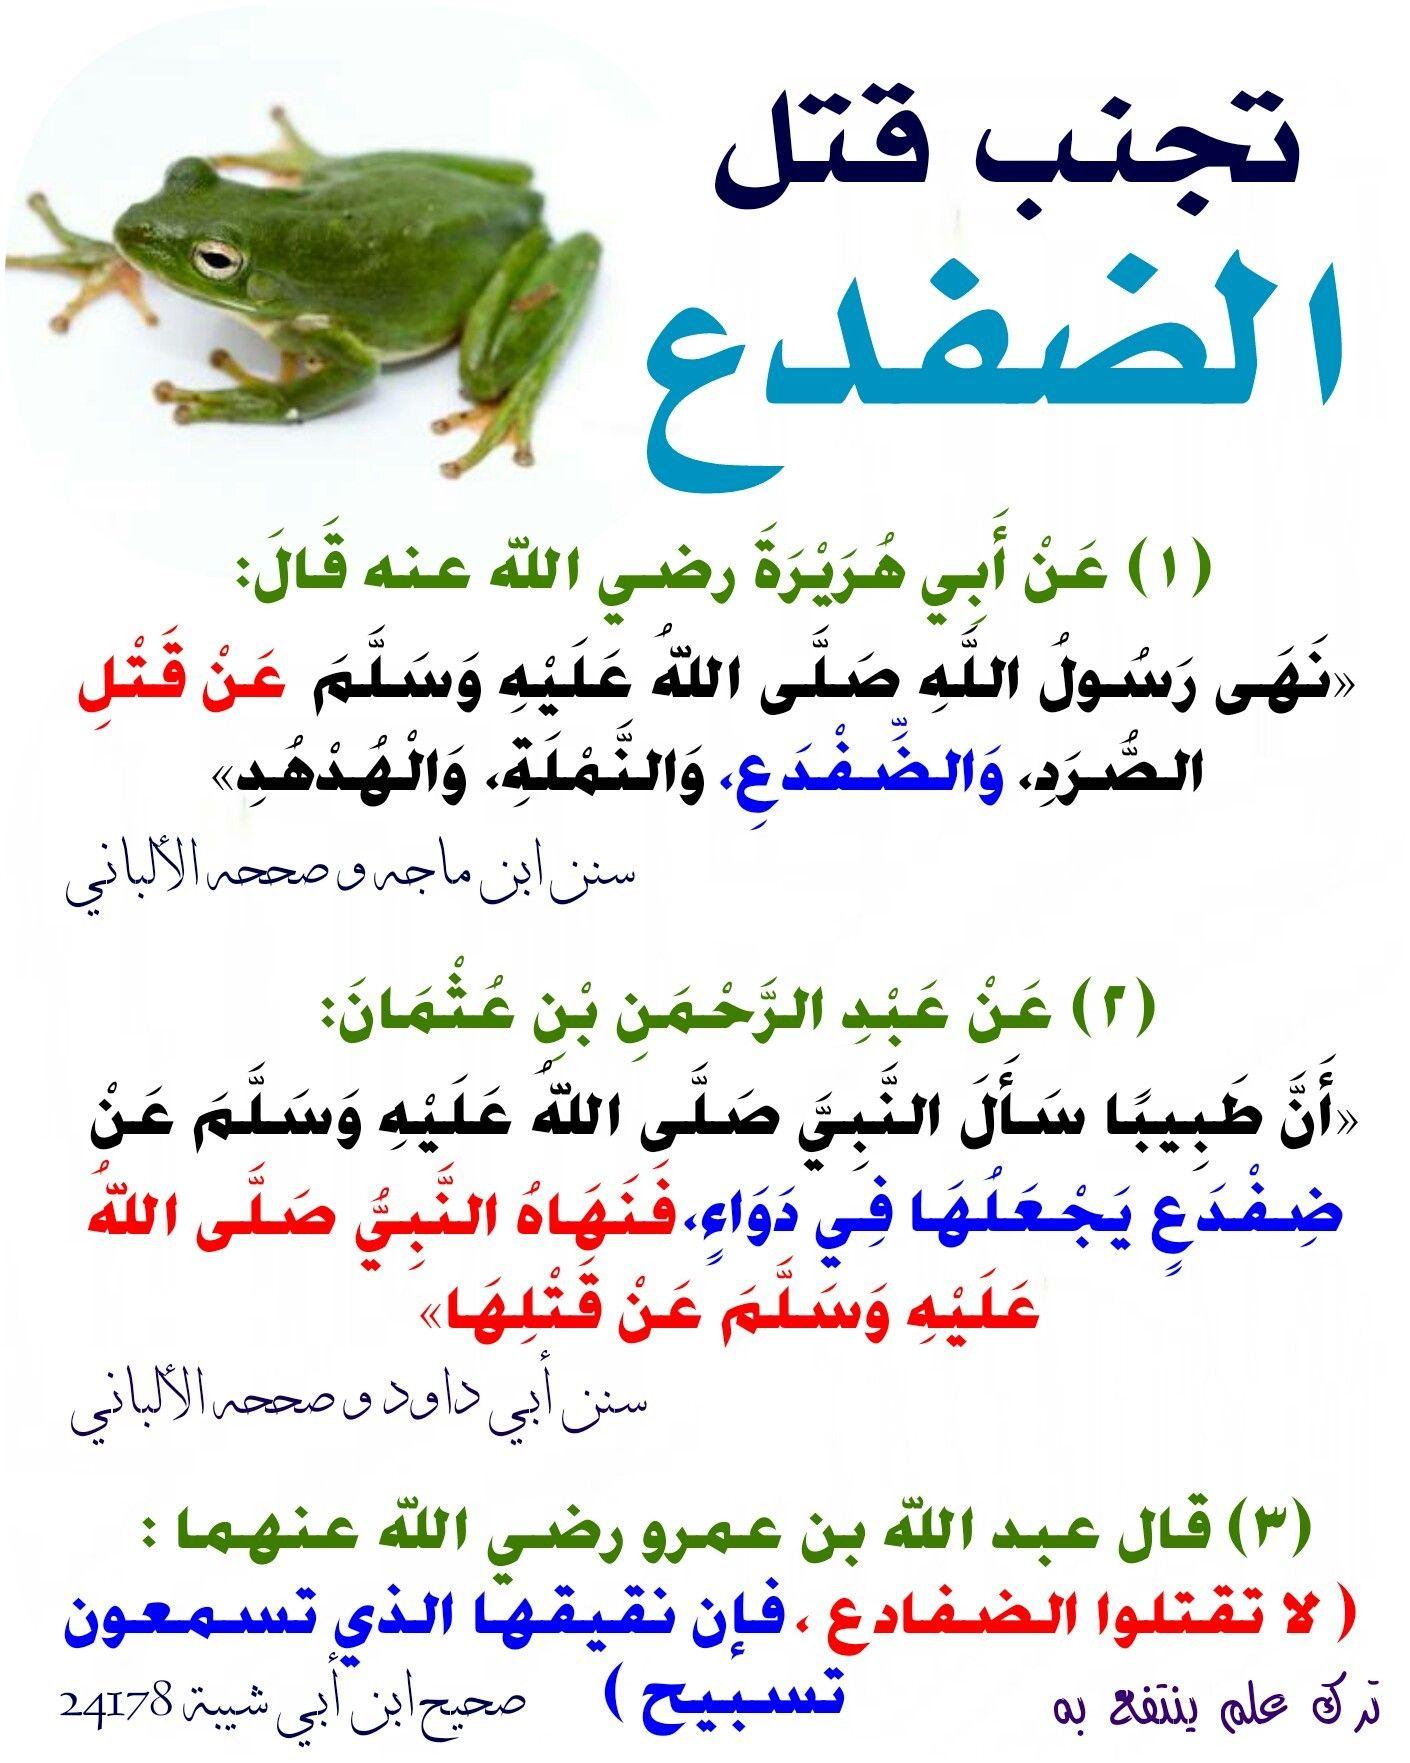 حكم قتل الضفدع Quran Quotes Verses Quran Quotes Islamic Quotes Quran